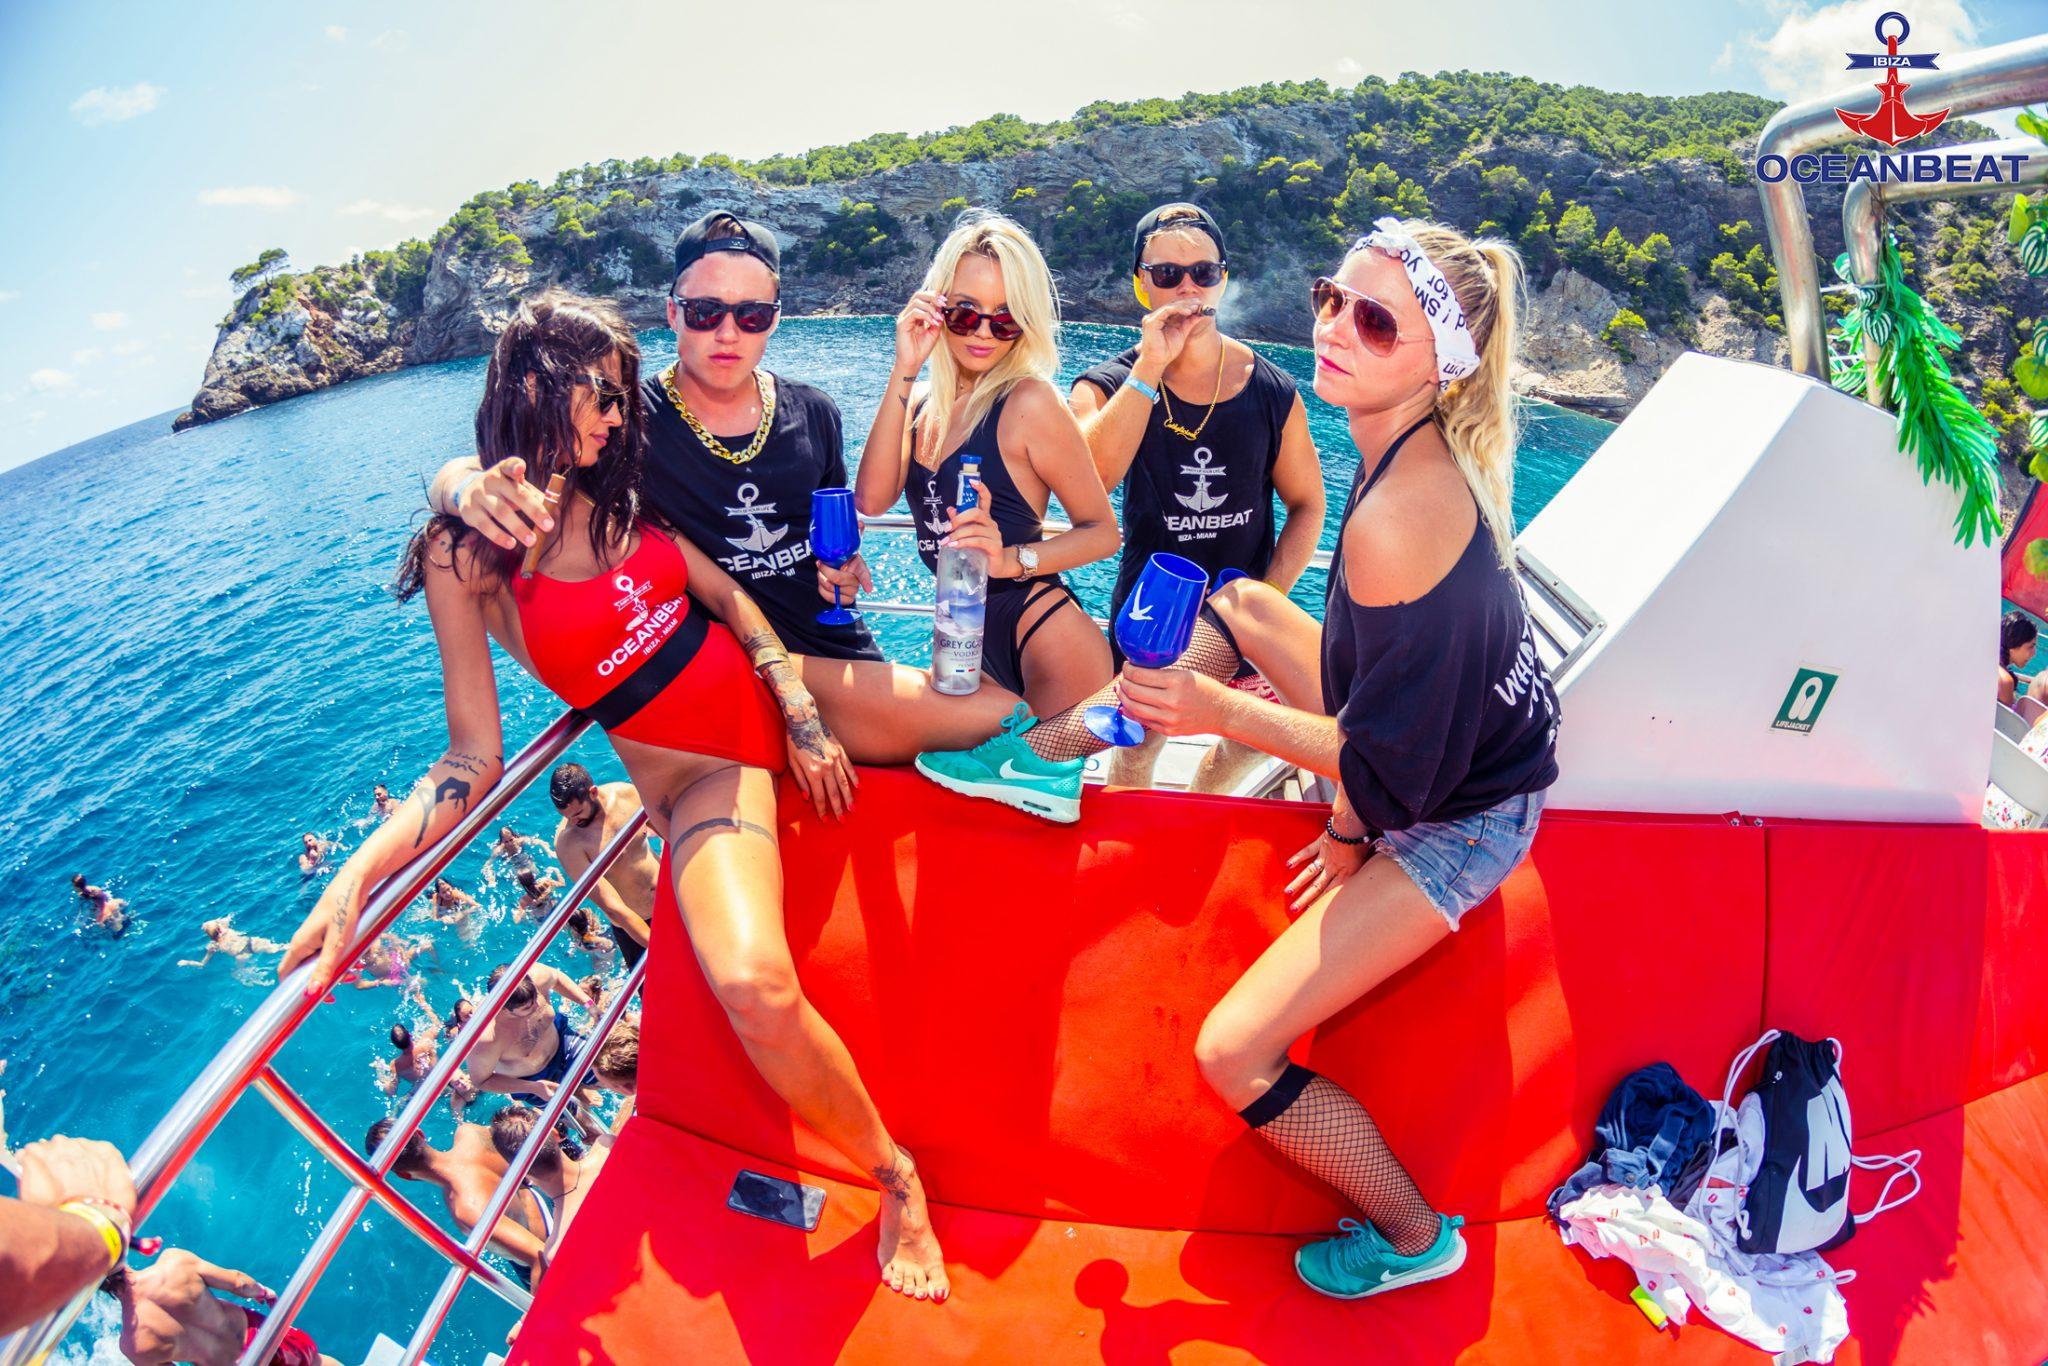 27 08 2018 Oceanbeat Ibiza Boat Party Logo064